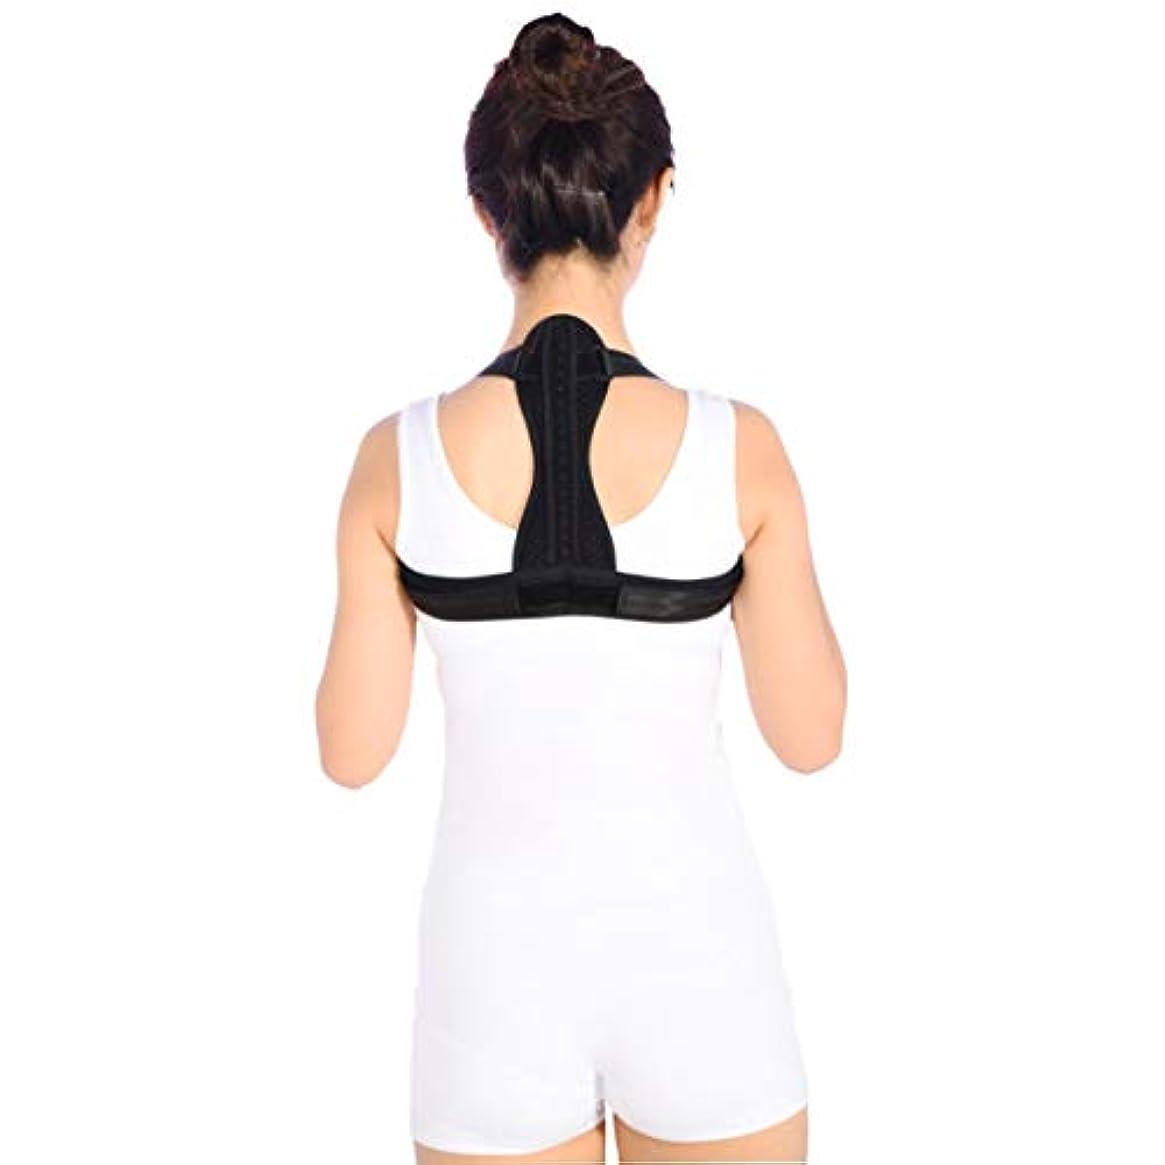 憂慮すべき玉ツール通気性の脊柱側弯症ザトウクジラ補正ベルト調節可能な快適さ目に見えないベルト男性女性大人学生子供 - 黒